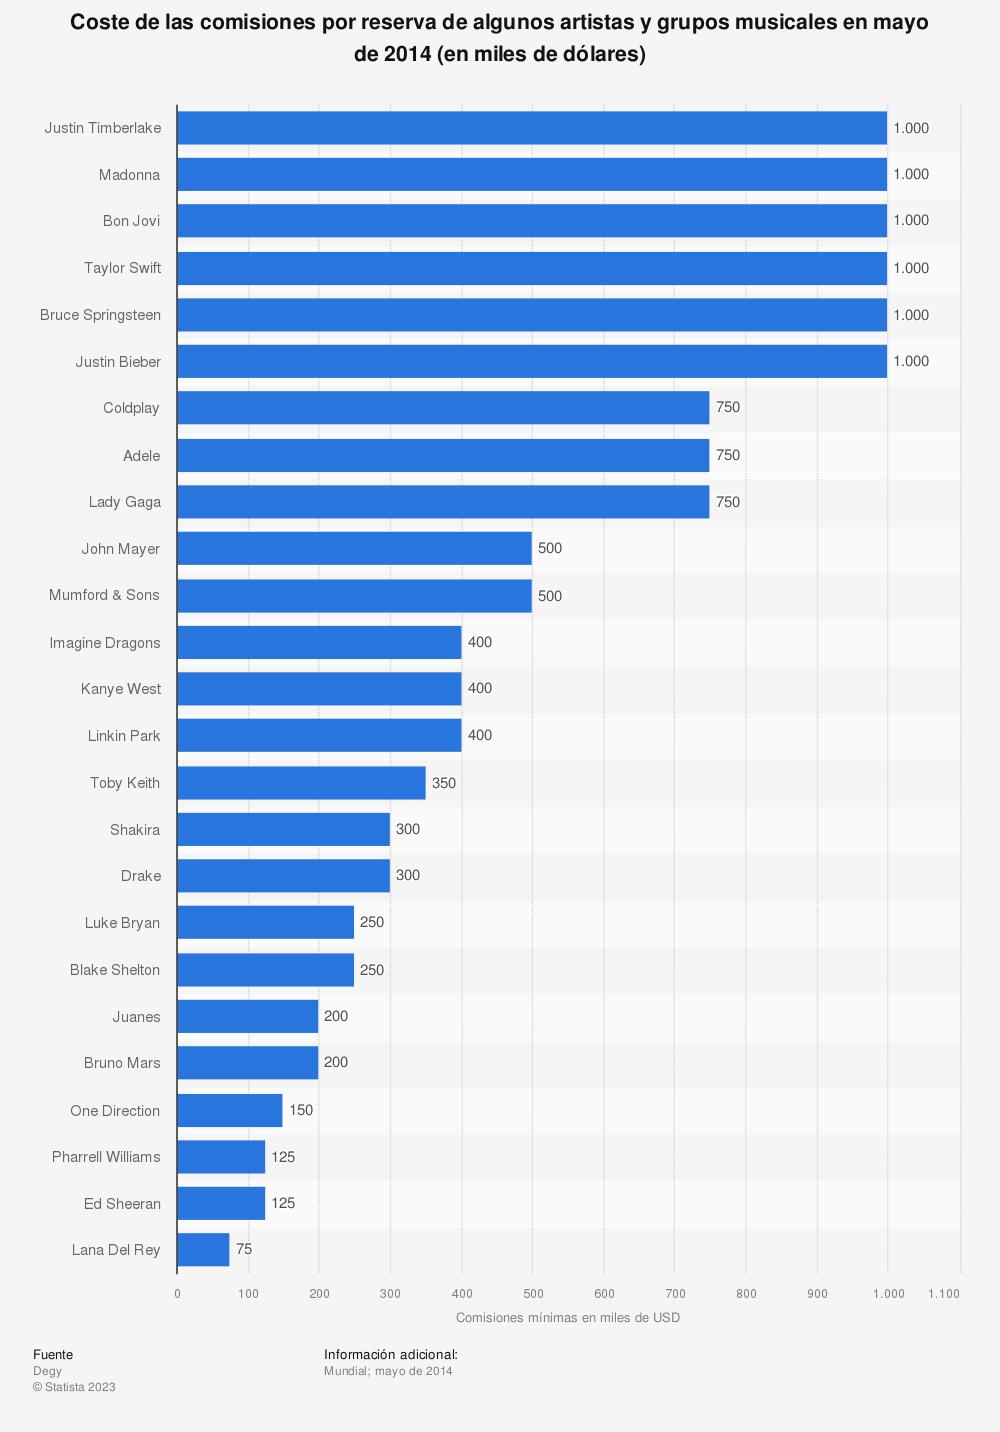 Estadística: Coste de las comisiones por reserva de algunos artistas y grupos musicales en mayo de 2014 (en miles de dólares) | Statista